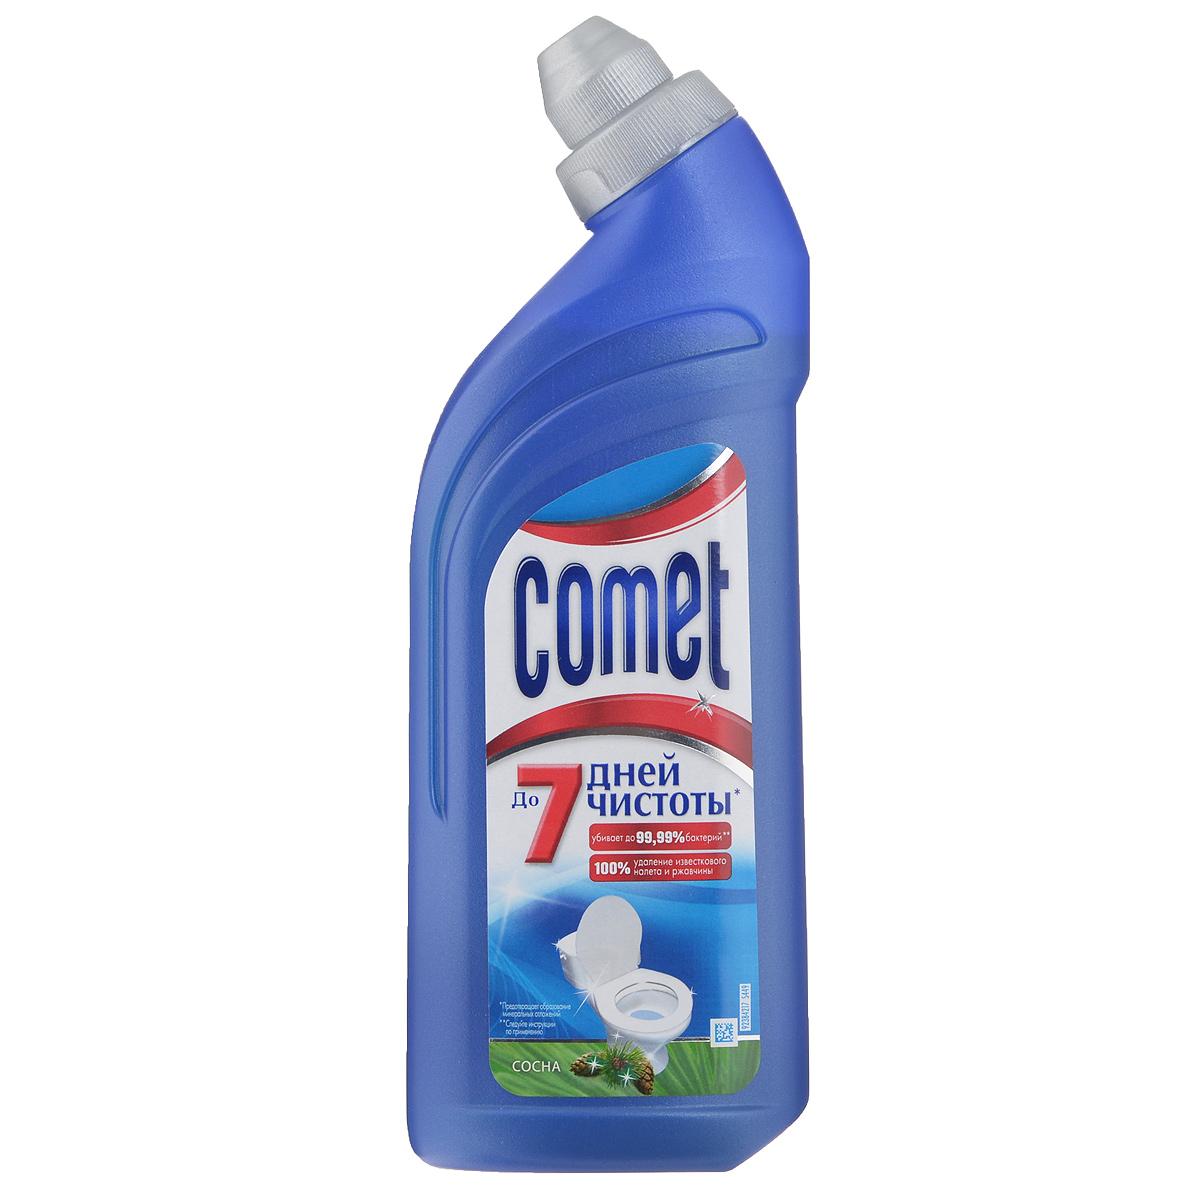 Чистящее средство для туалета Comet, сосна, 500 млCG-80227816Чистящее средство Comet для туалета сохраняет чистоту до 7 дней, благодаря защитному слою. Средство отлично чистит и удаляет известковый налет и ржавчину, а также дезинфицирует поверхность. Обладает приятным ароматом сосны. Товар сертифицирован. УВАЖАЕМЫЕ КЛИЕНТЫ! Обращаем ваше внимание на возможные изменения в дизайне товара. Поставка осуществляется в зависимости от наличия на складе.